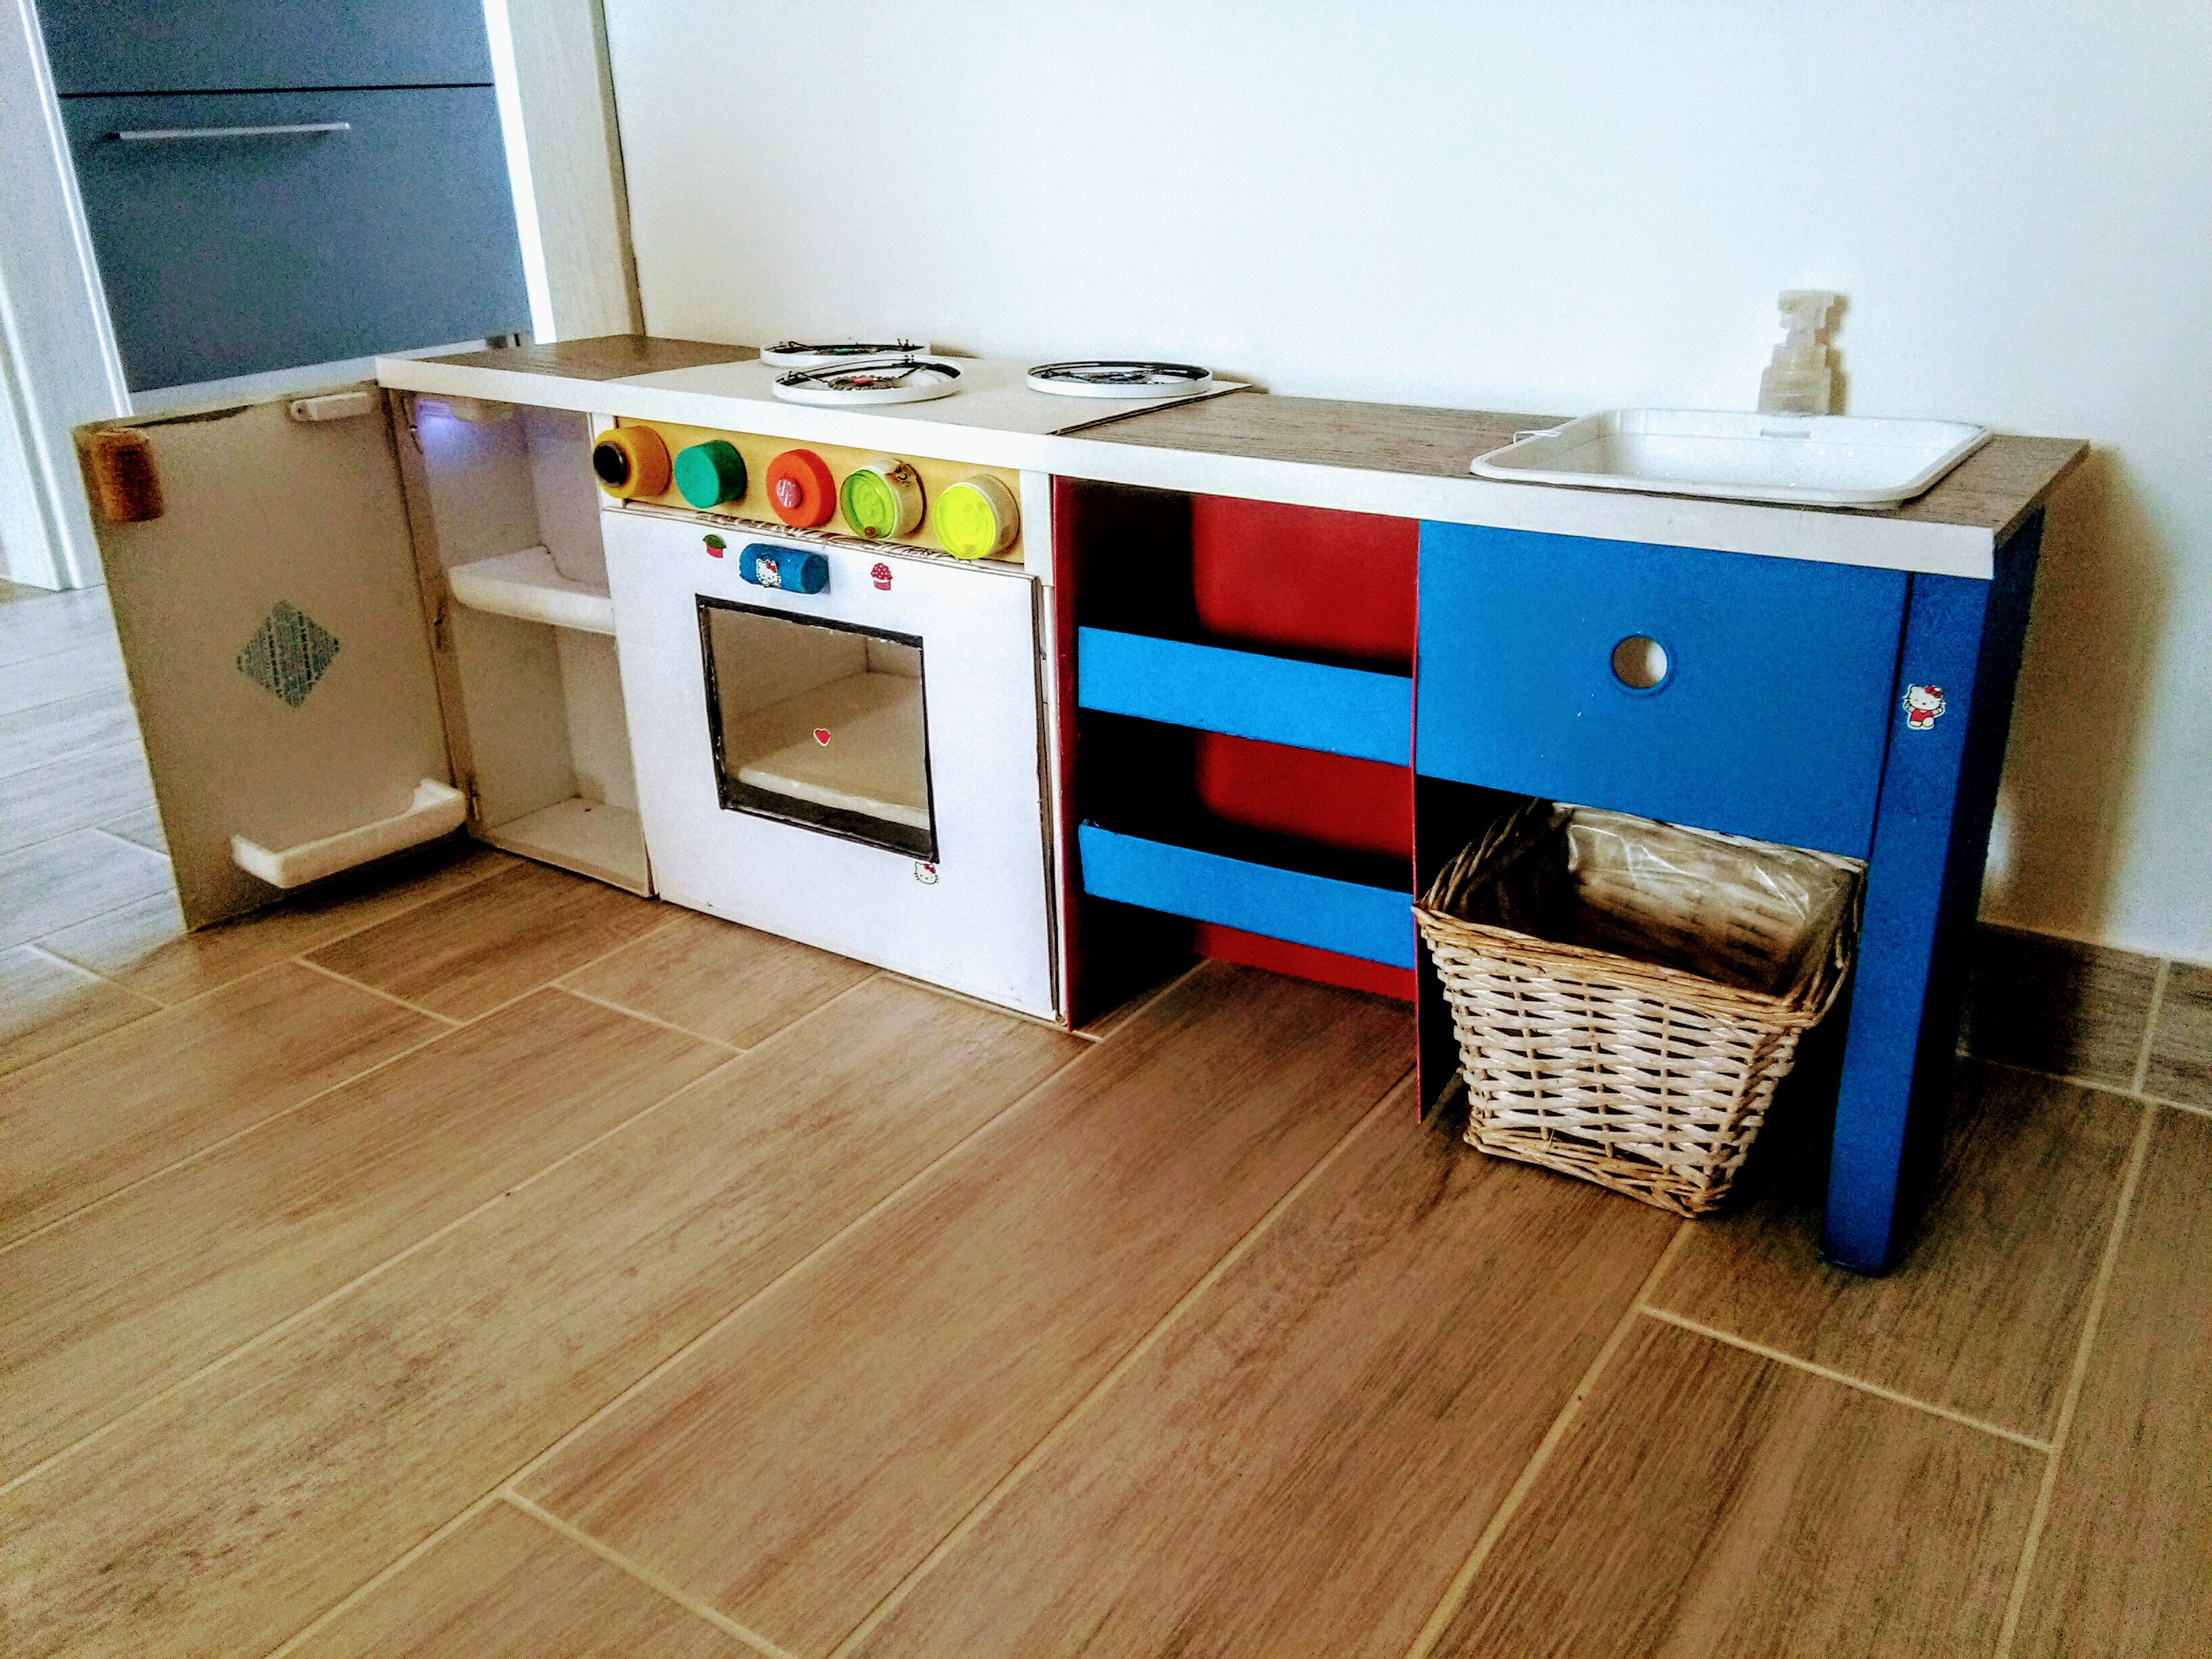 GIOCATTOLO] Cucina giocattolo fai da te 2.0 (con lavandino ...